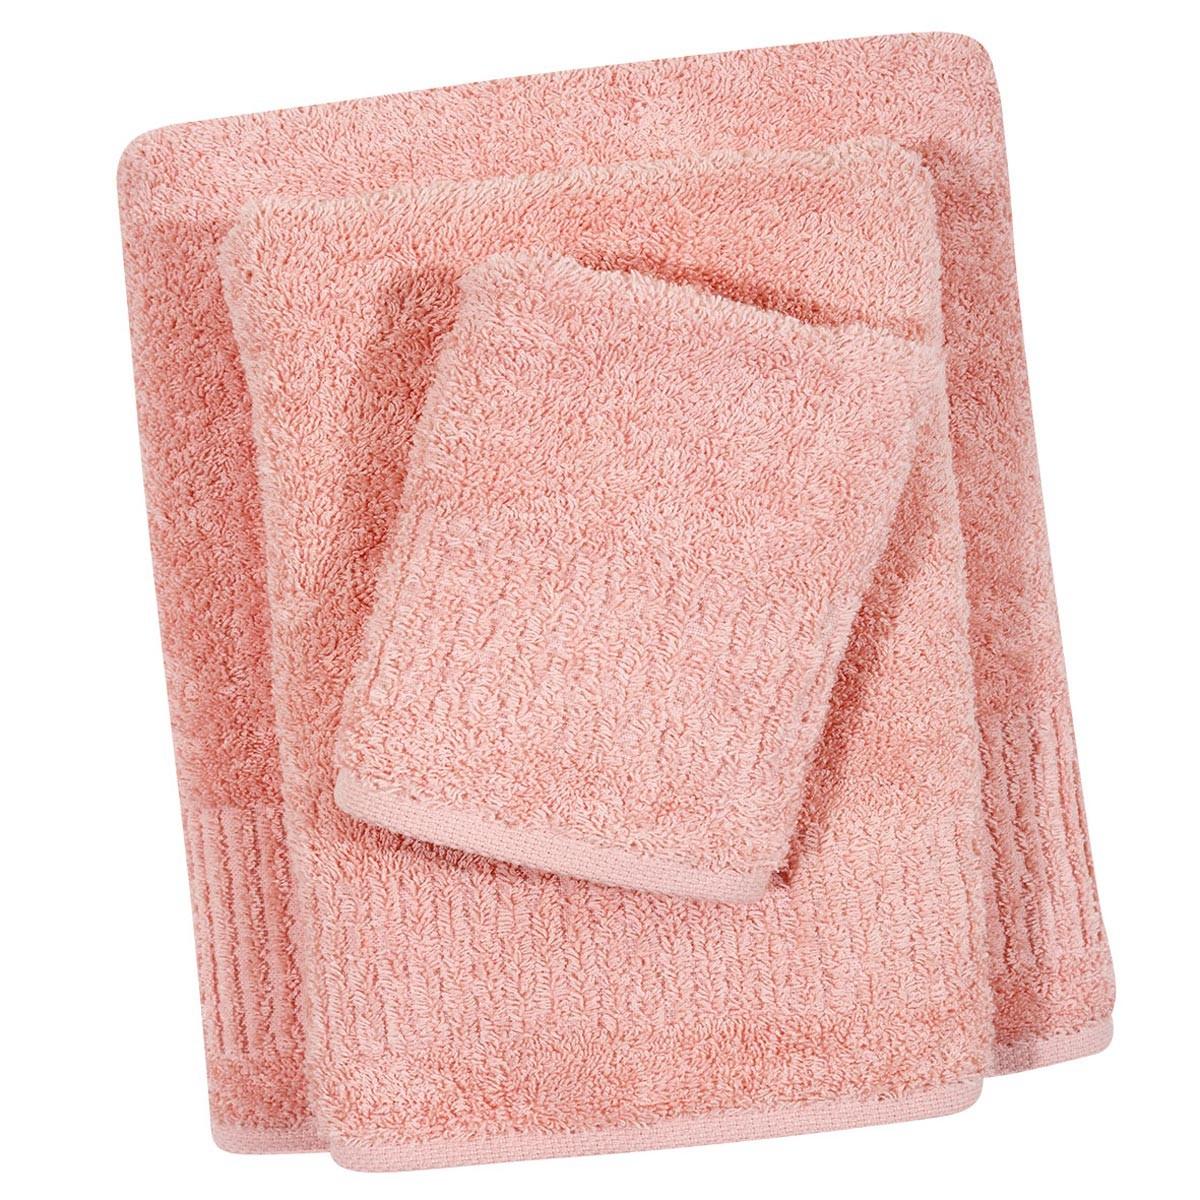 Πετσέτα Προσώπου (50x90) Das Home Prestige Towels Colours home   μπάνιο   πετσέτες μπάνιου